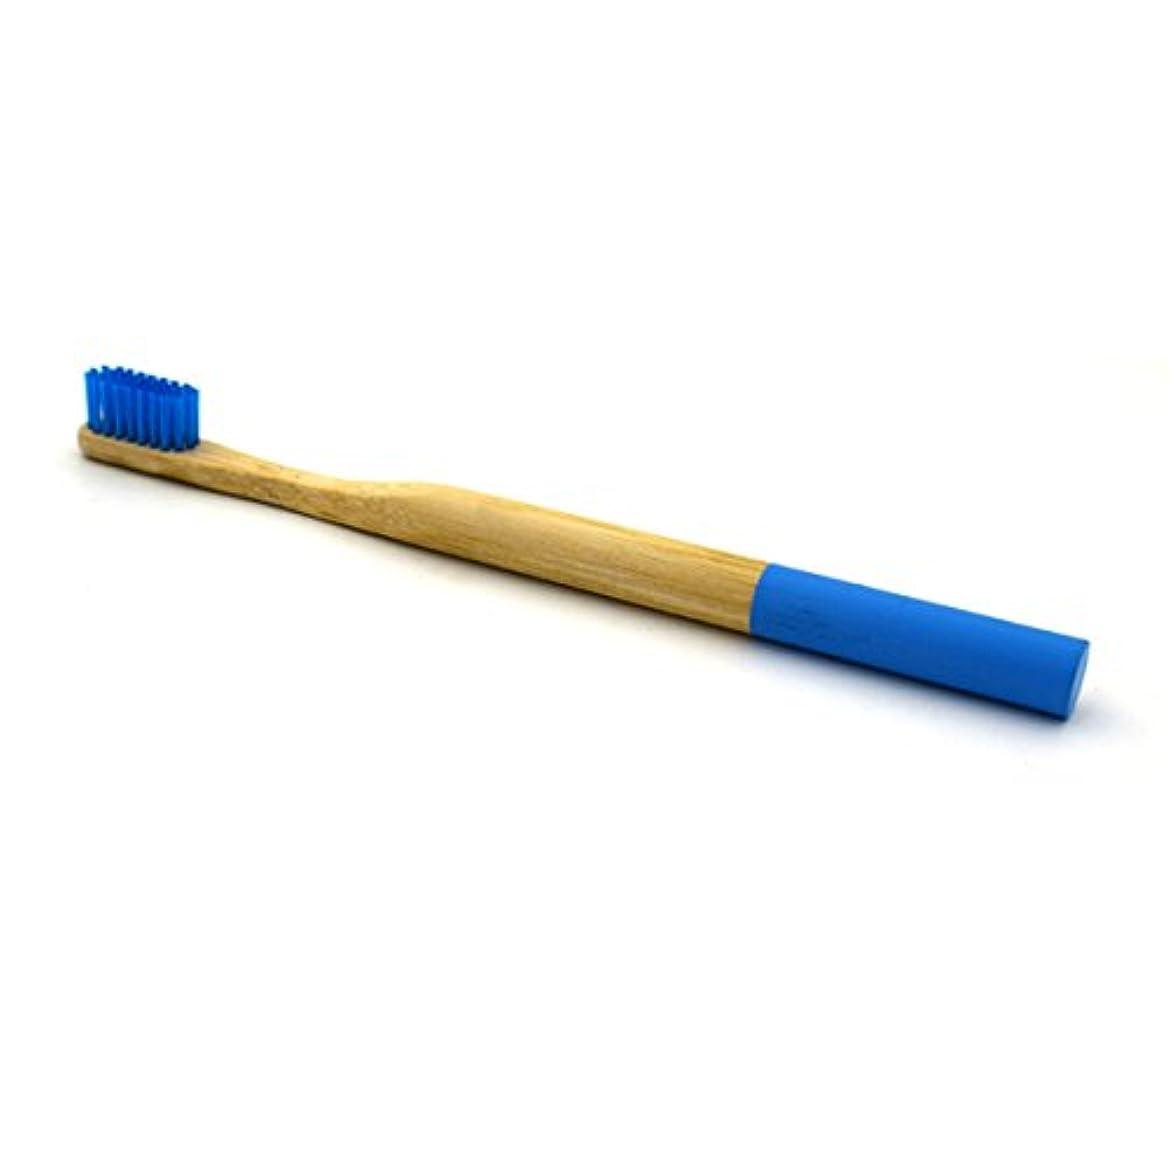 癒す一般的に言えば道路を作るプロセスHEALLILY 円形のハンドルのEcoの友好的で柔らかい剛毛の歯ブラシが付いている2 PCS自然なタケ歯ブラシ